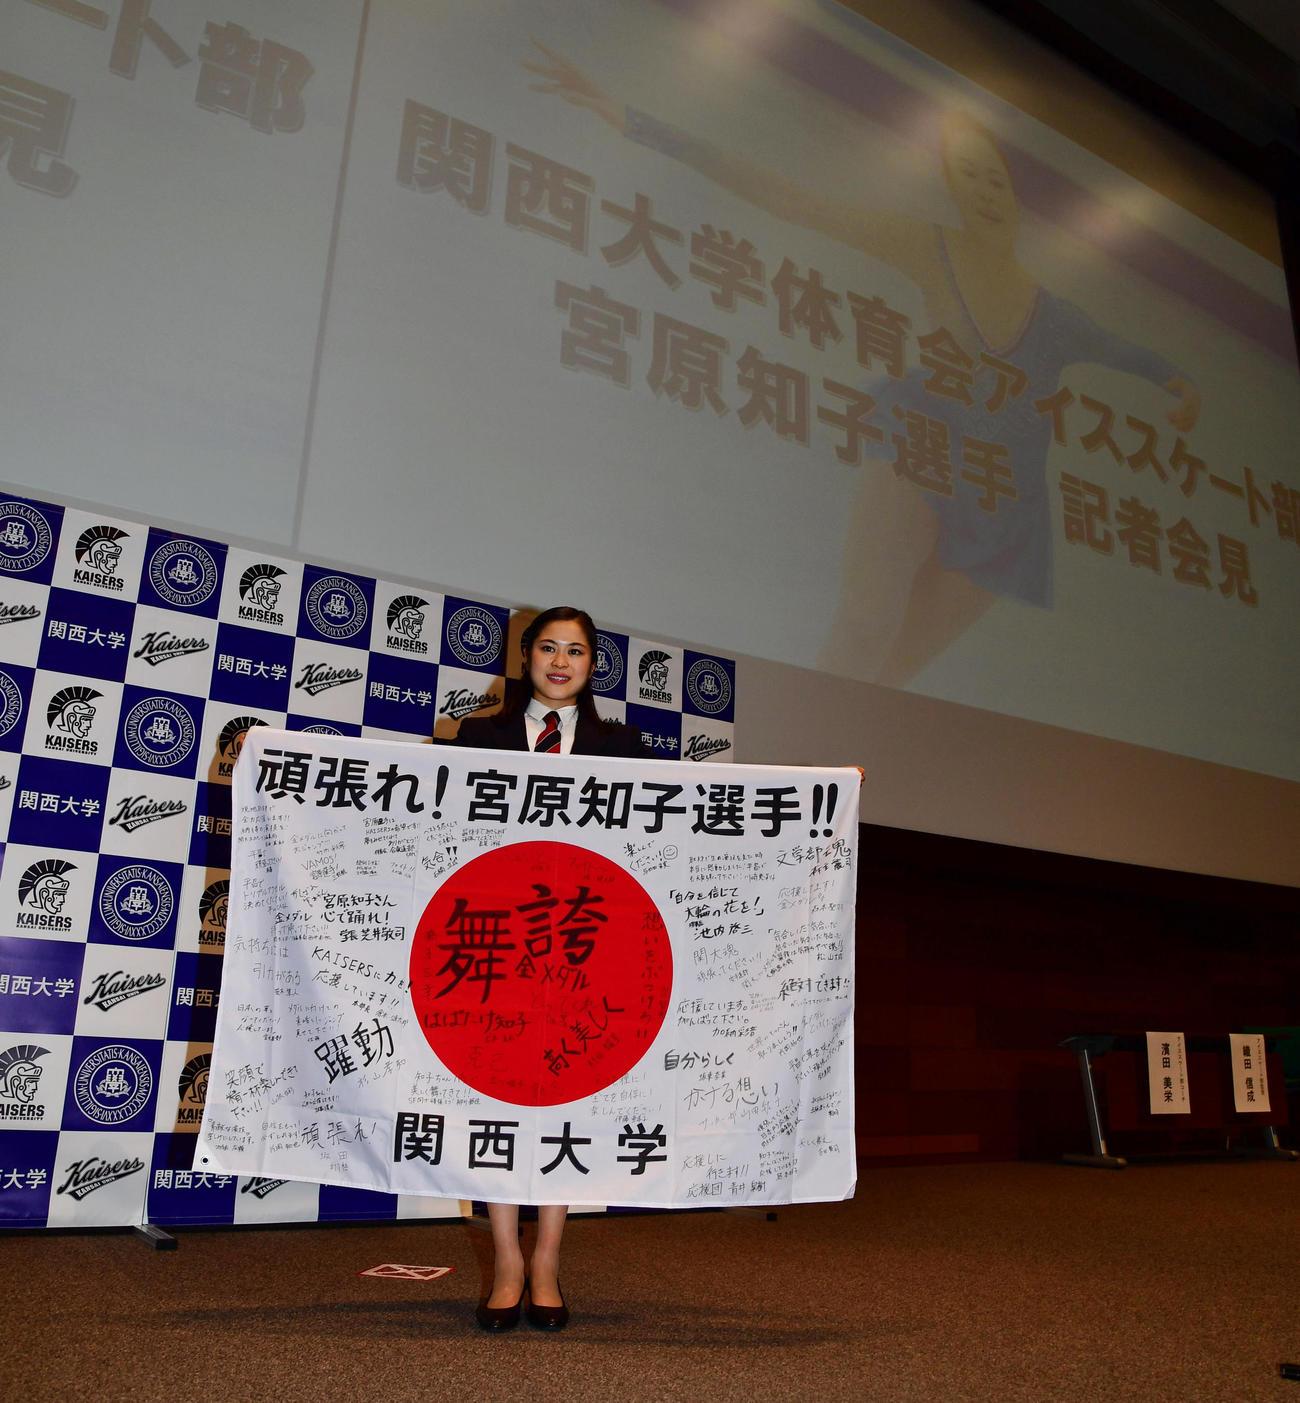 母校関大での会見で学生からの応援メッセージの書かれた国旗を手にする宮原(2018年1月18日撮影)